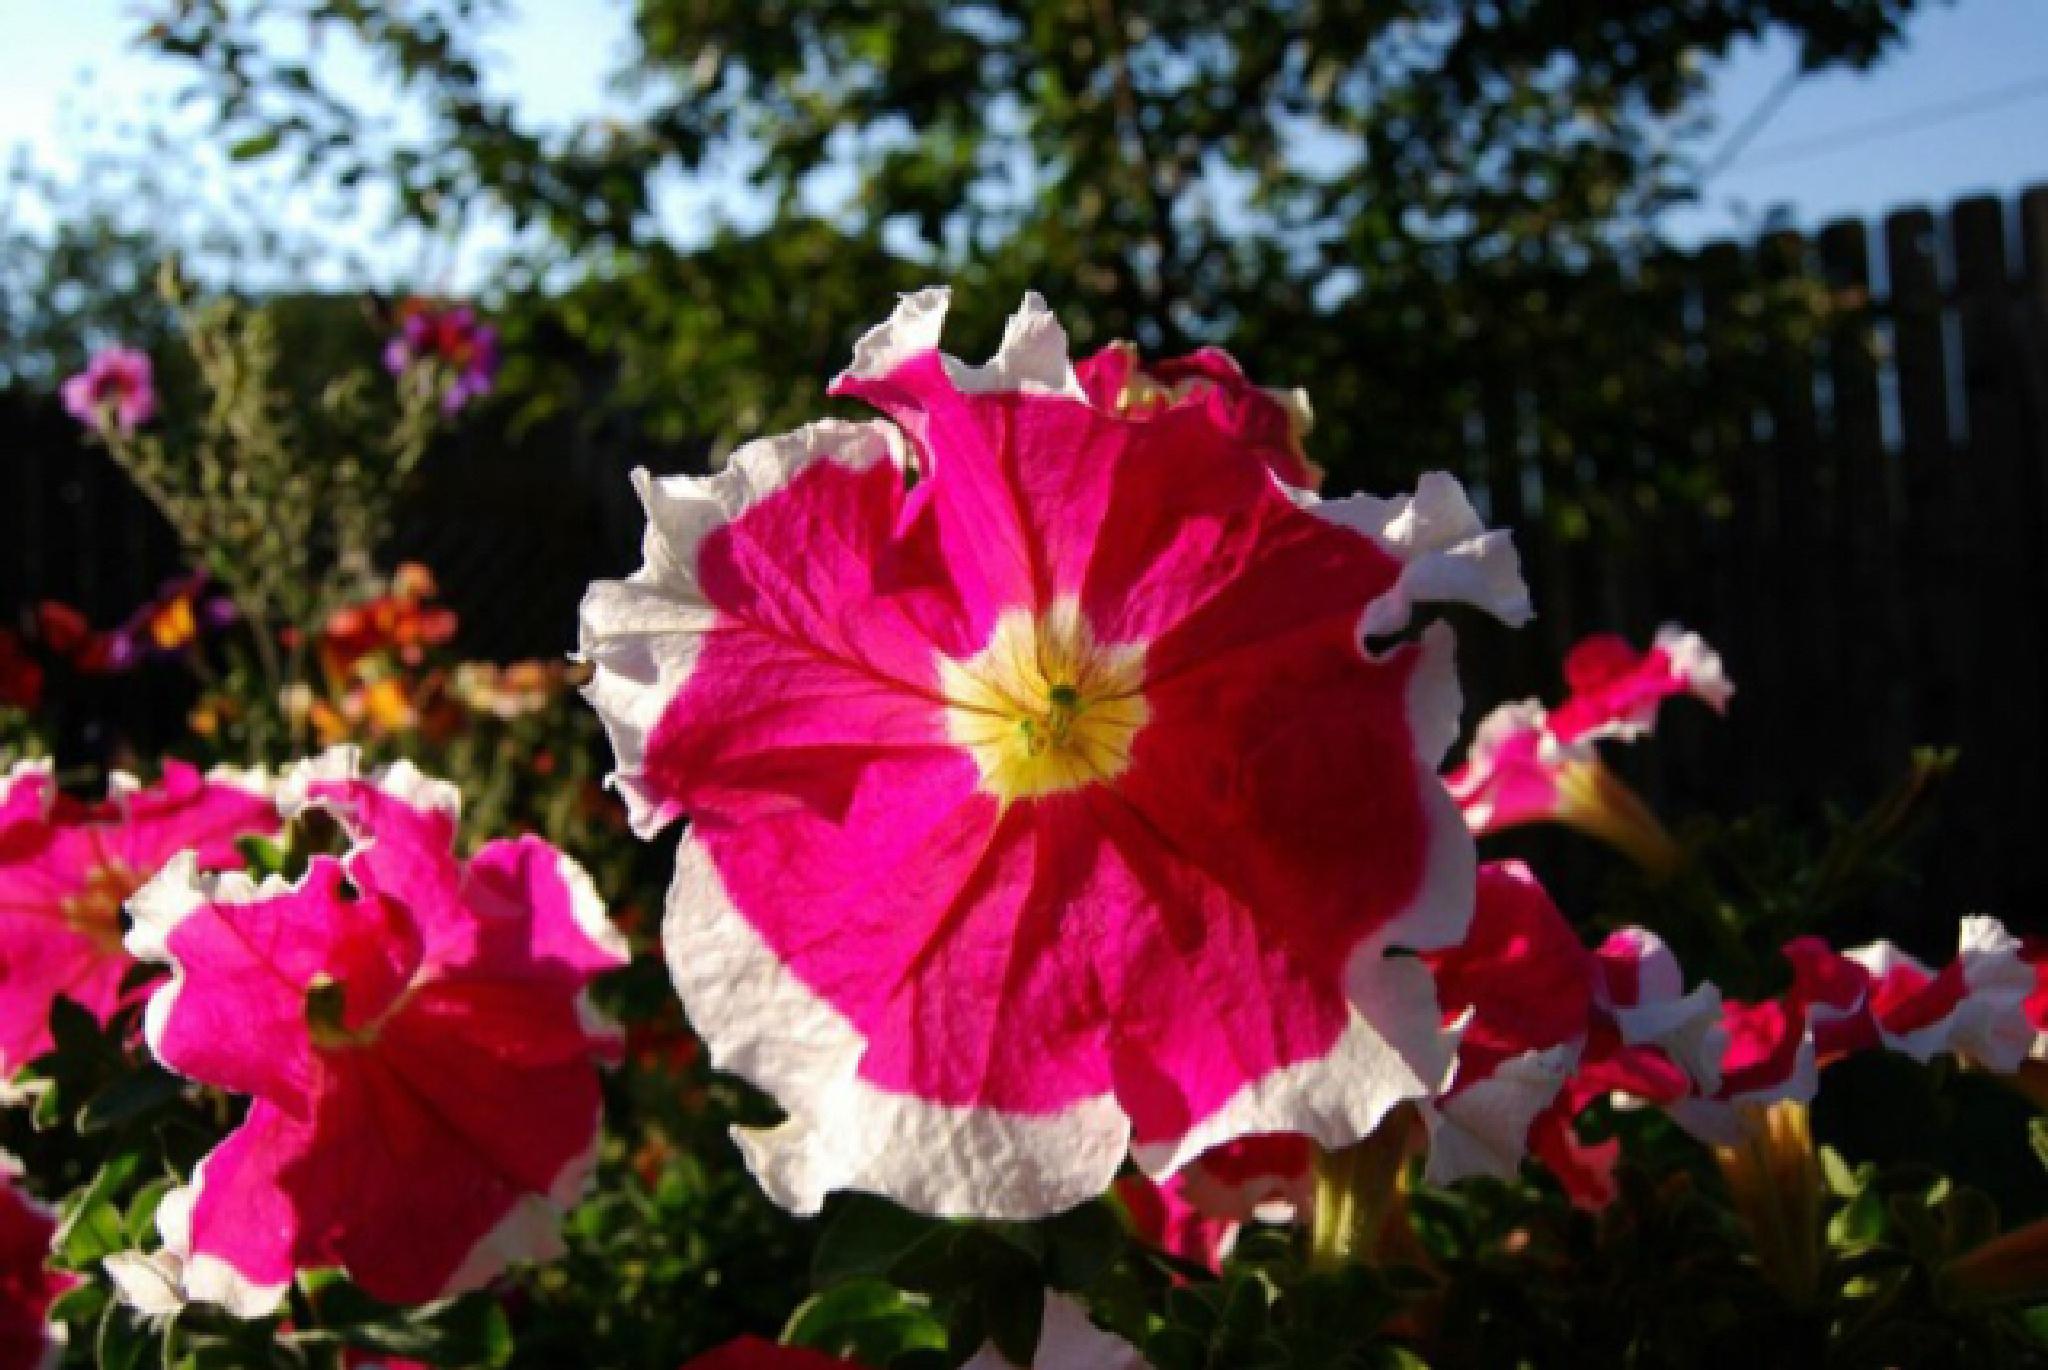 Vibrant Flowers by Jennifer Doty